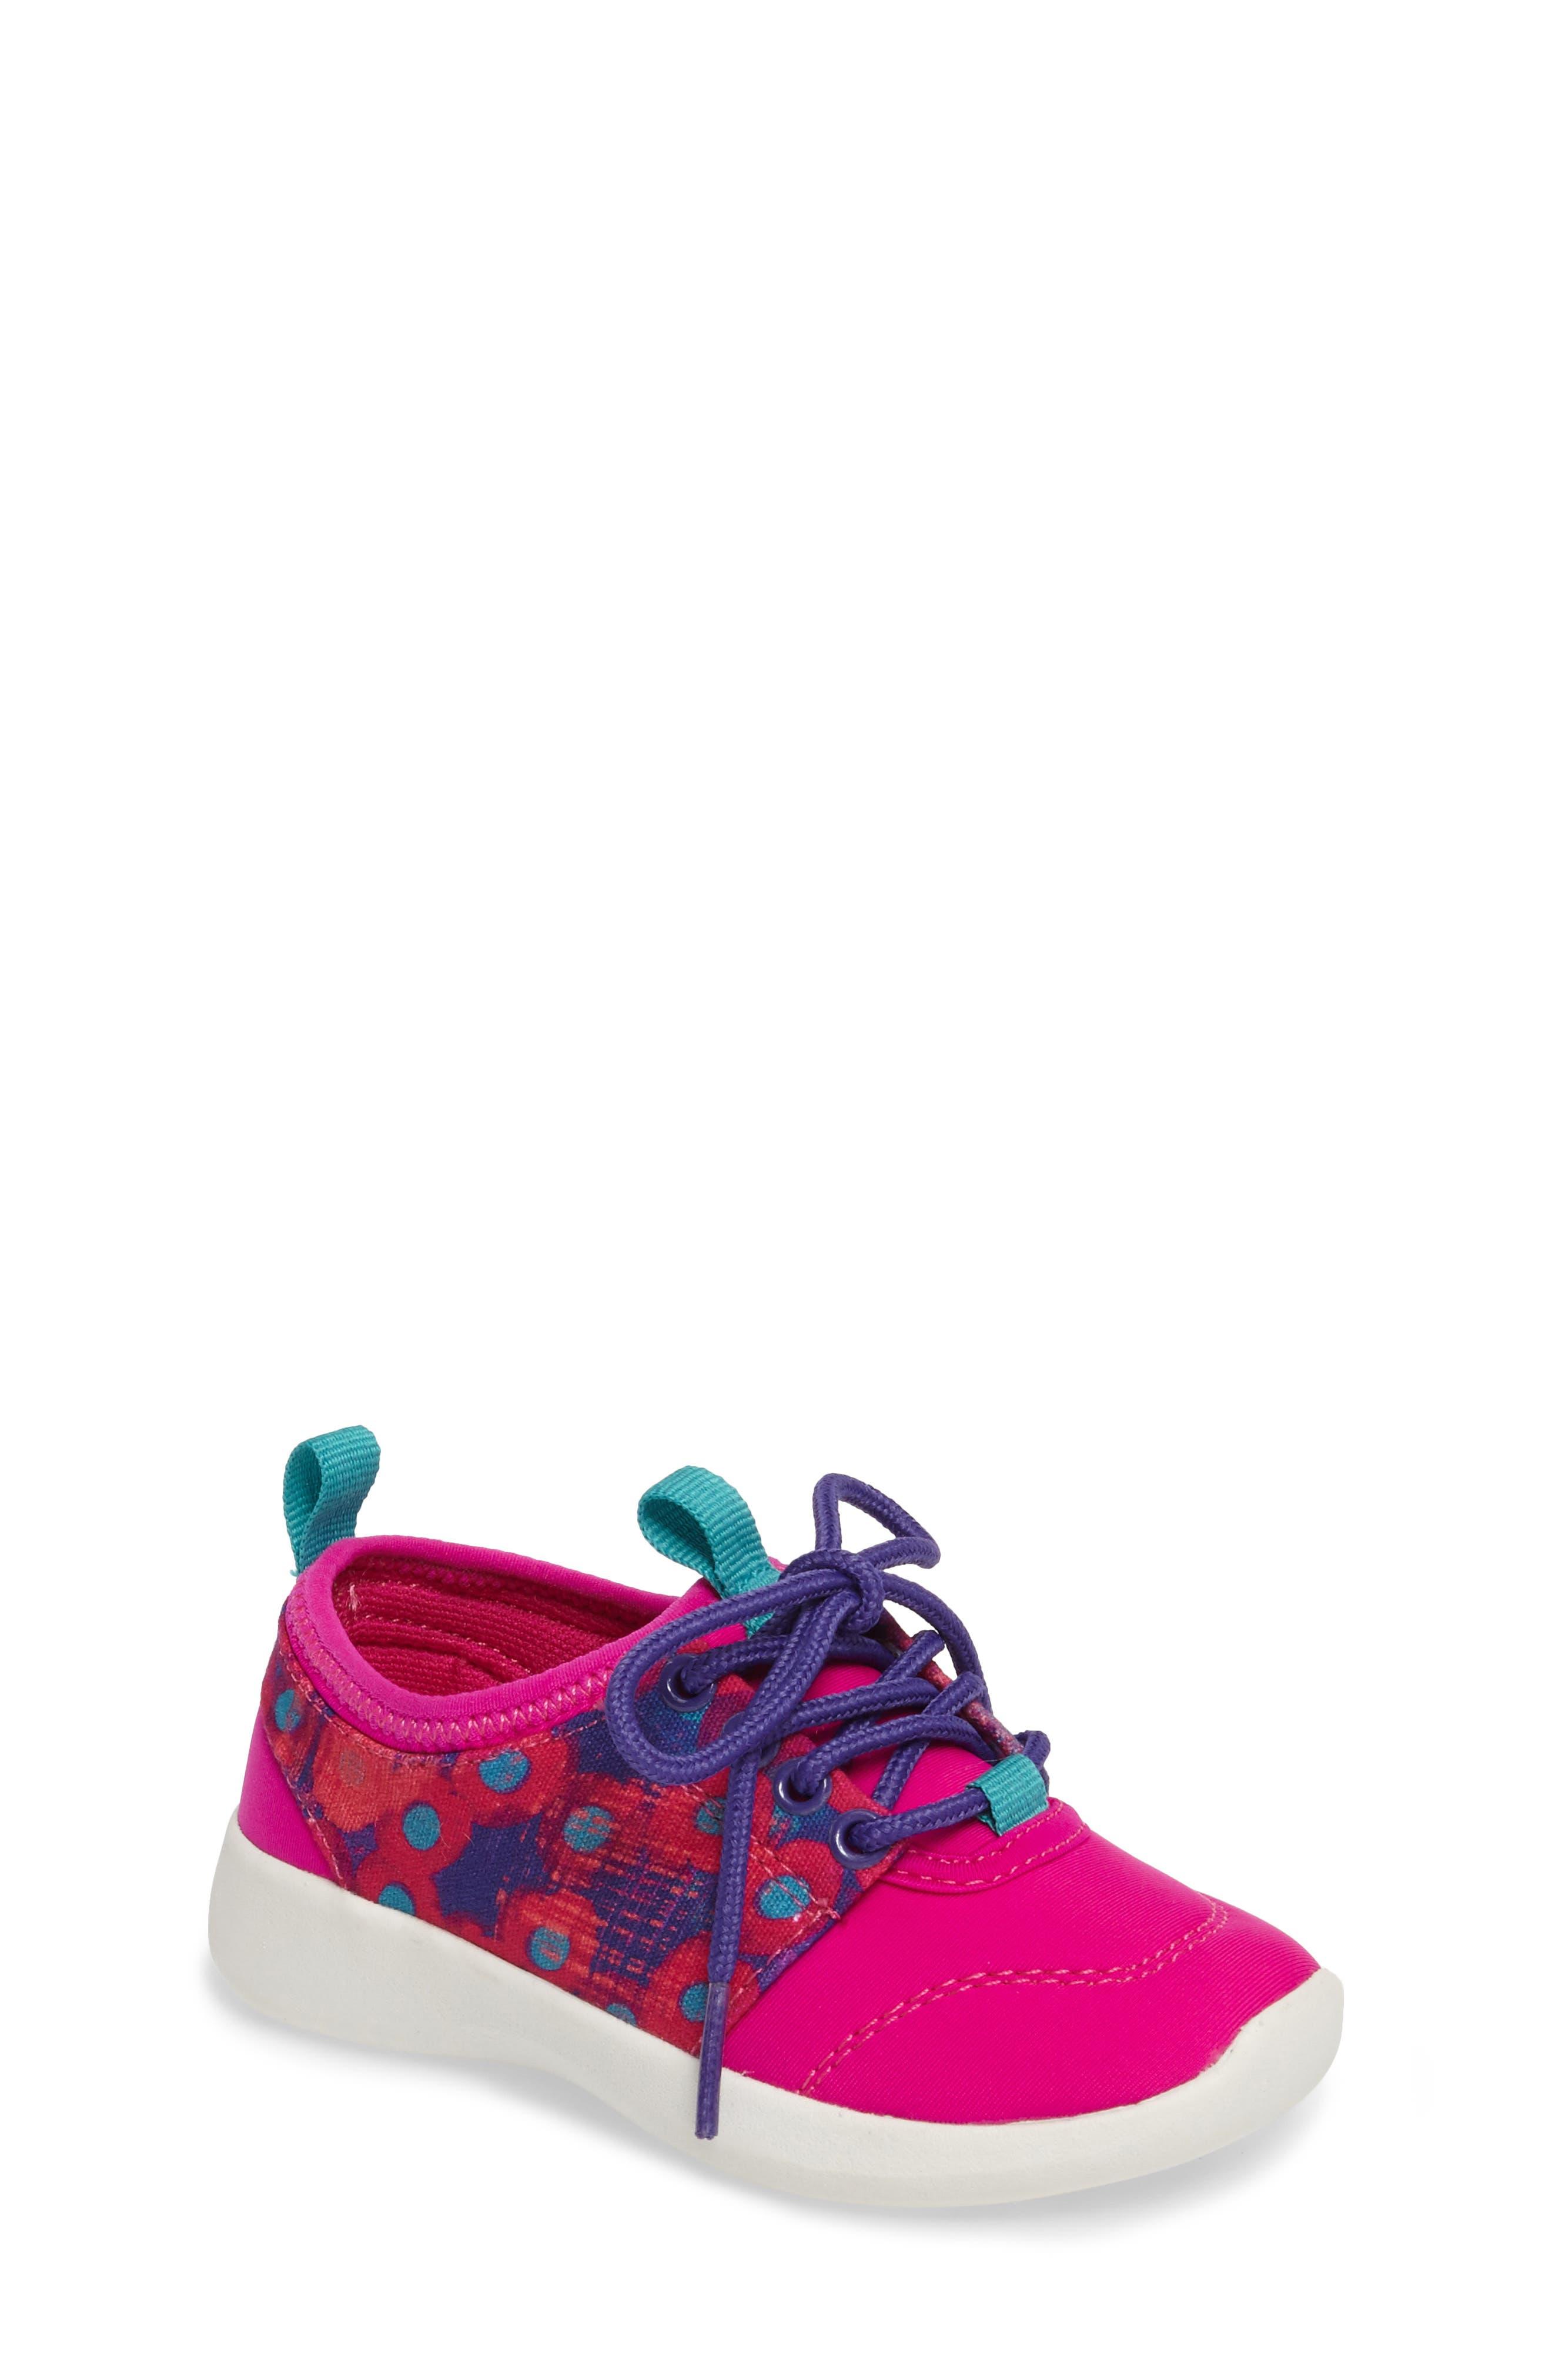 CHOOZE Bolt Sock-Fit Sneaker